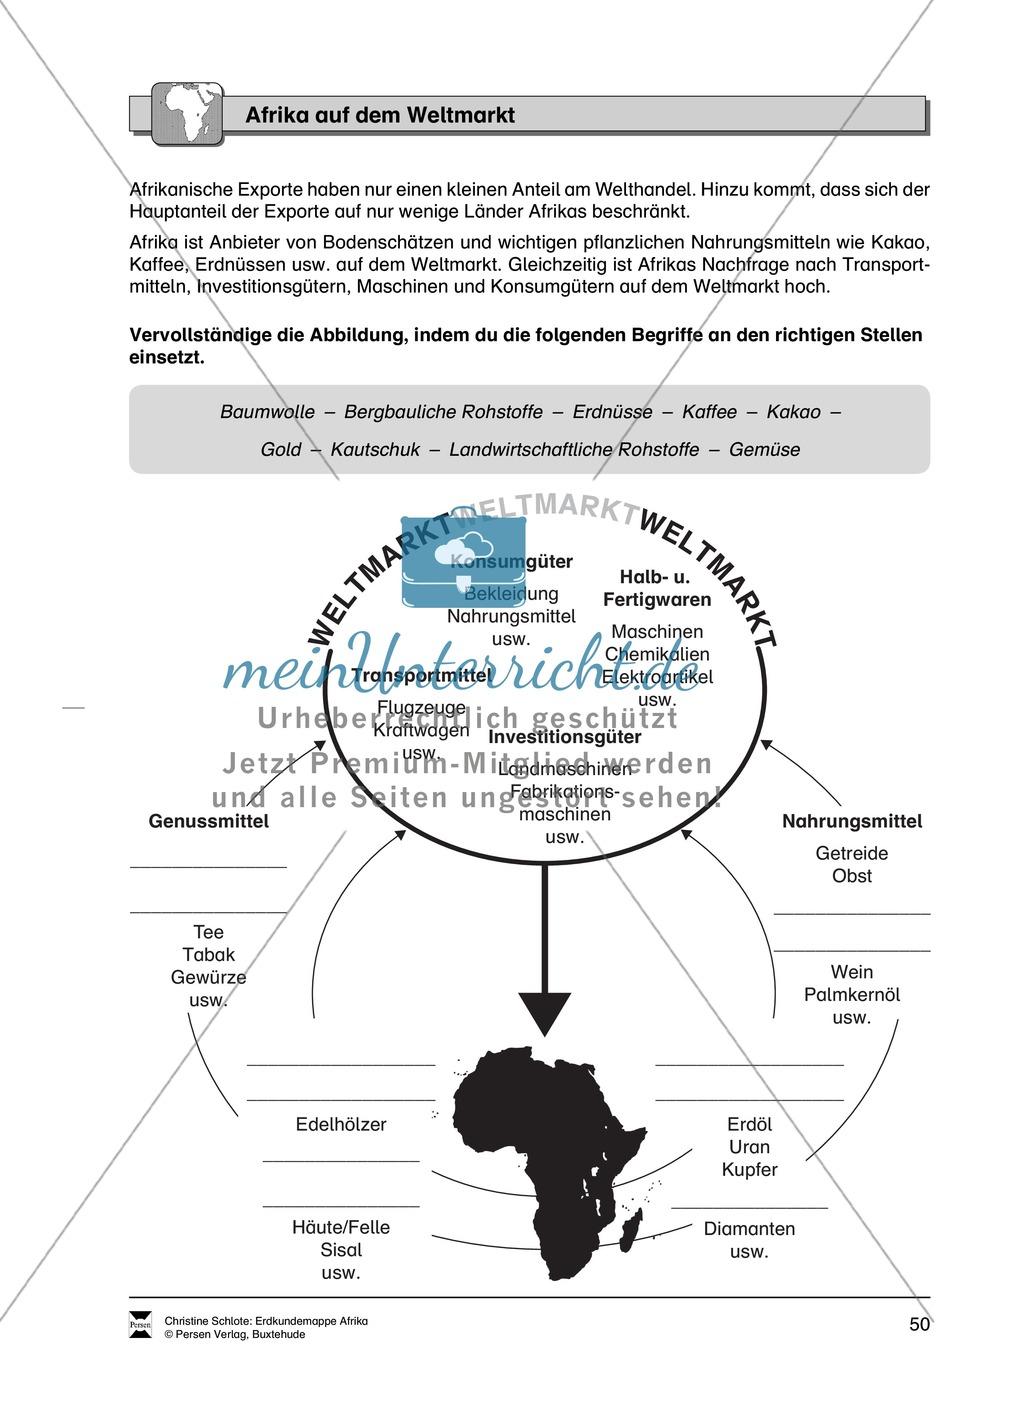 Kopiervorlagen zu Bodenschätzen und Industrie in Afrika: Rätsel + Atlantenarbeit Preview 7